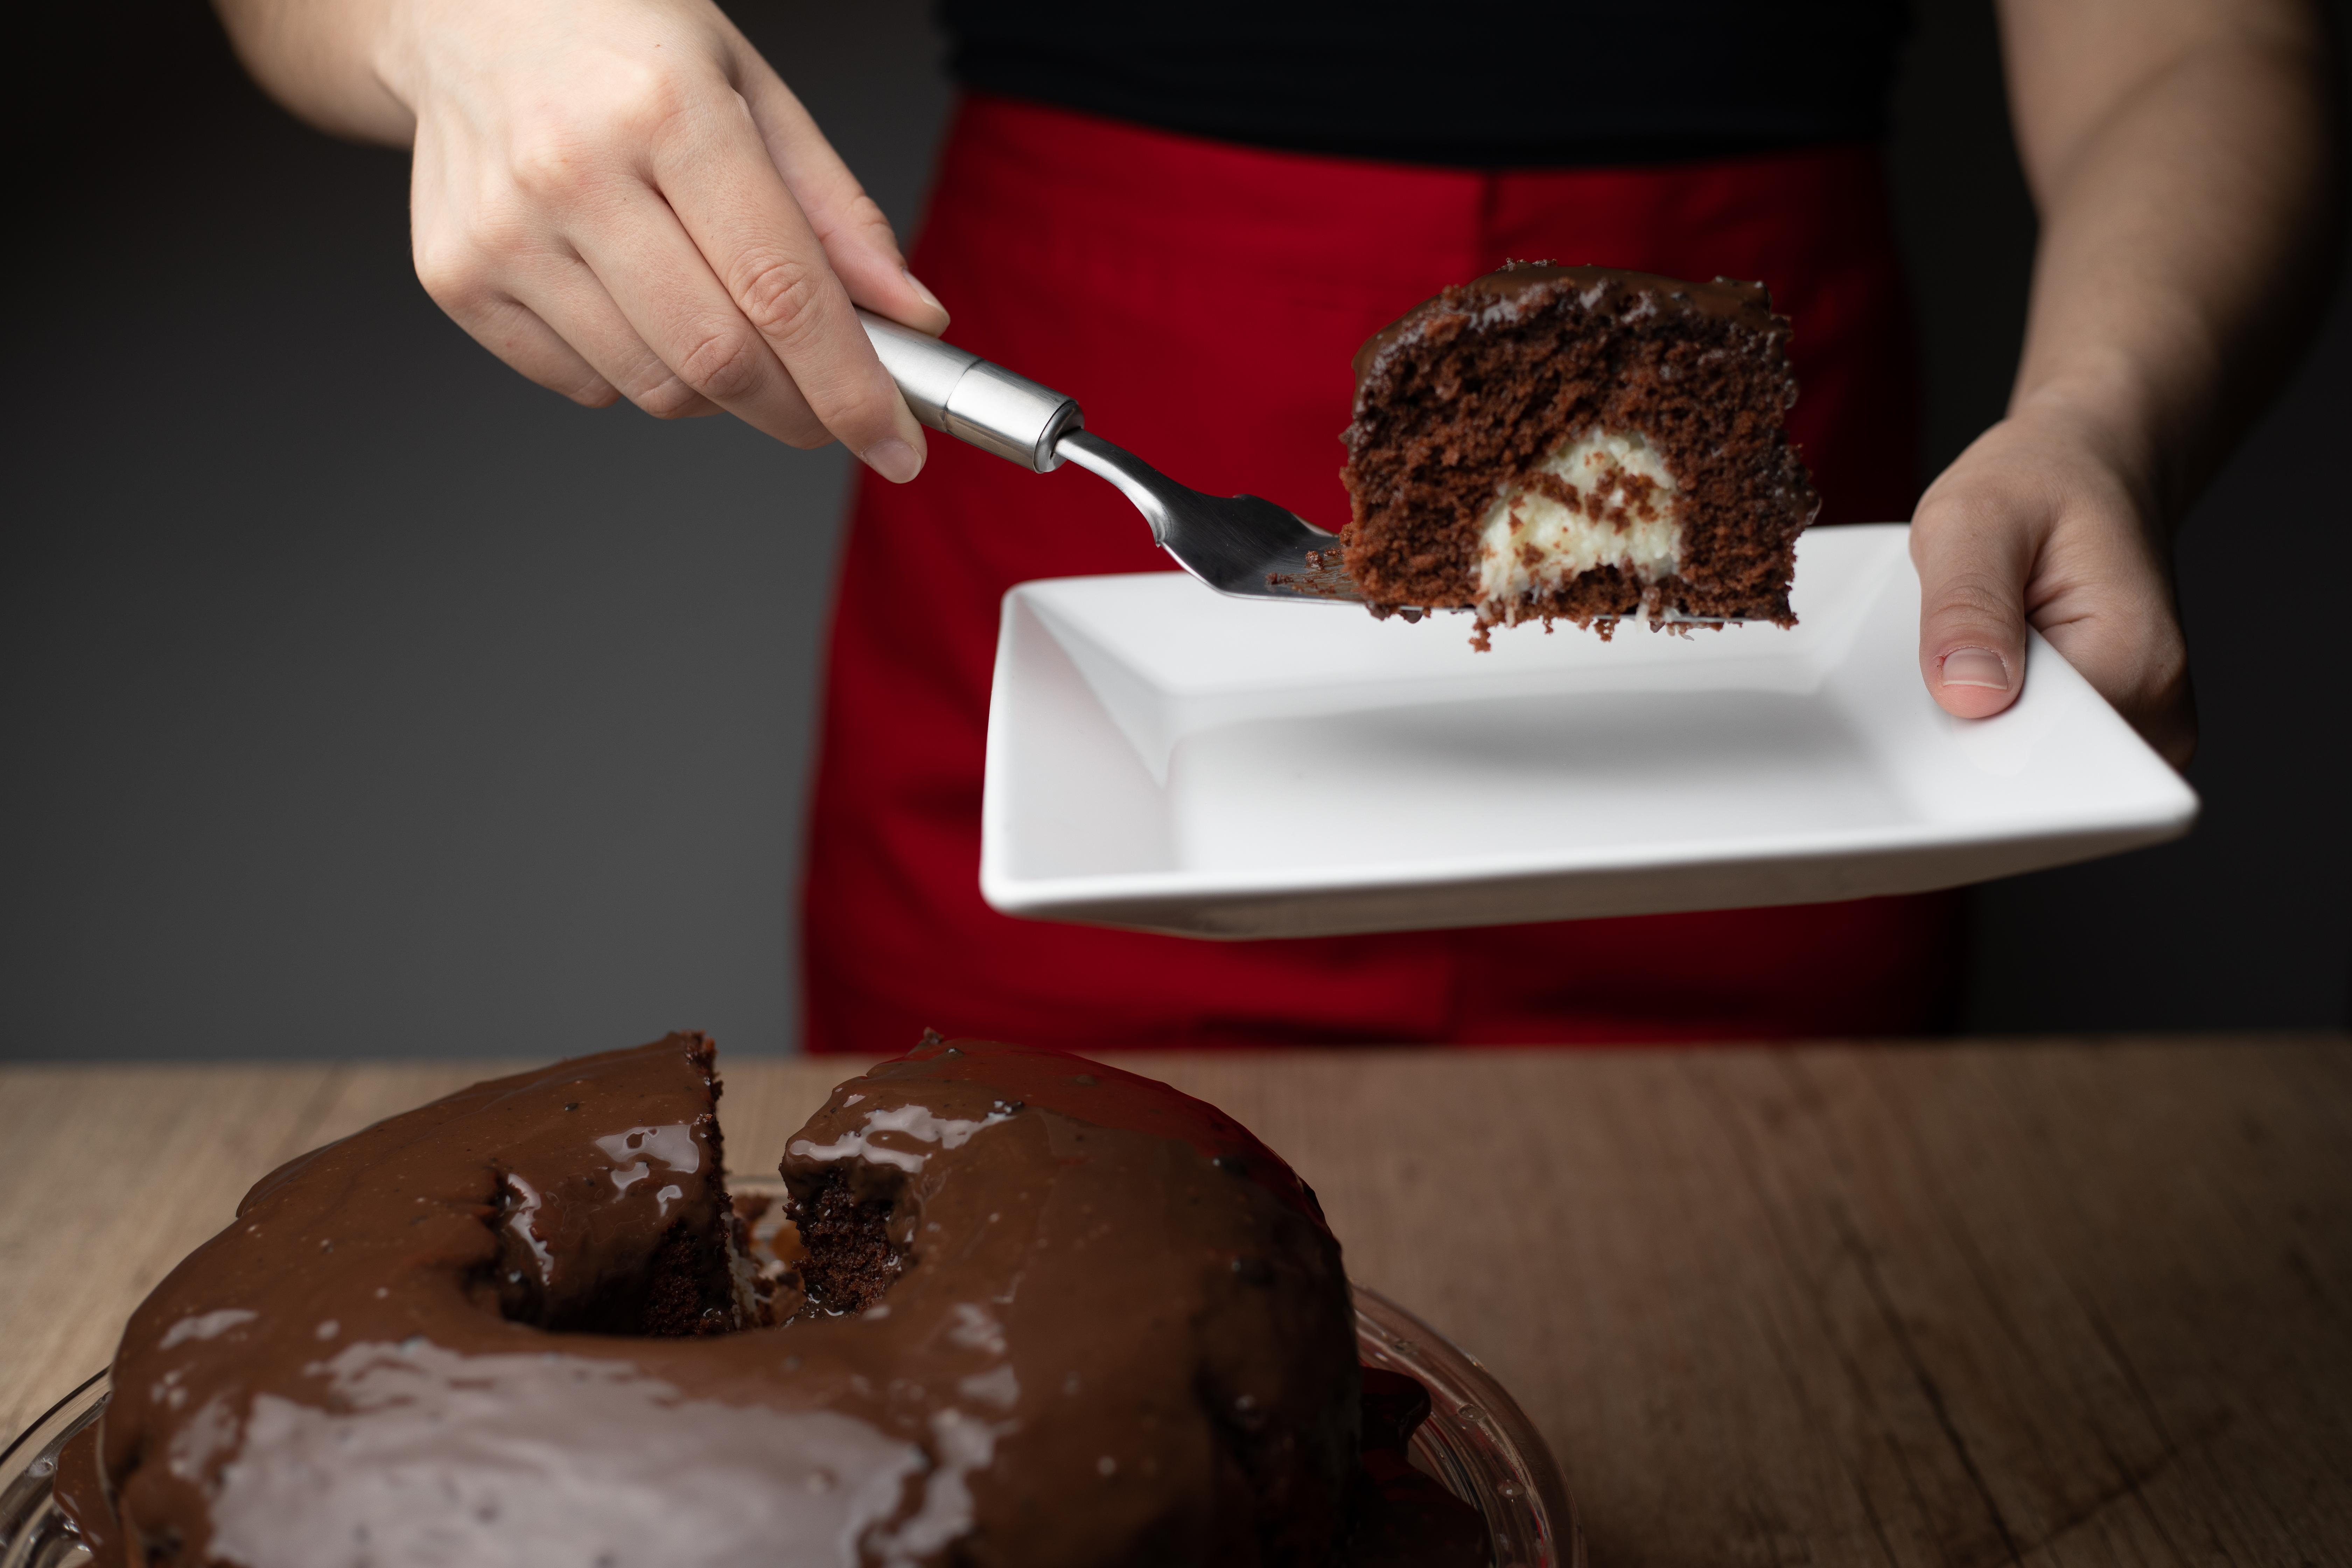 Bolo de chocolate com furo no meio coberto de brigadeiro à esquerda inferior da foto. À direita superior, pessoa com avental vermelho segurando prato e espátula com pedaço de bolo de chocolate com recheio de cocada ao centro.